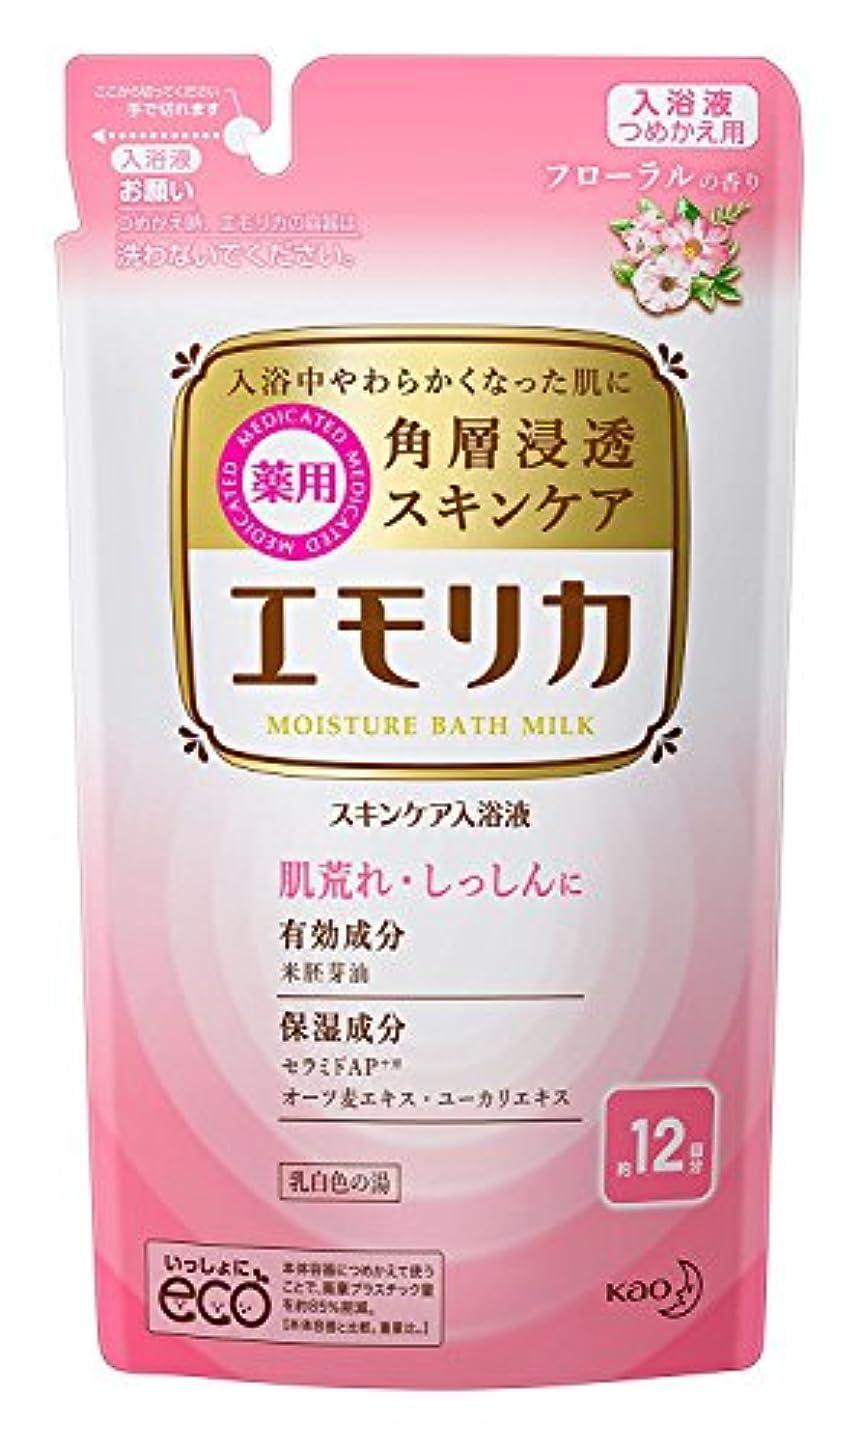 ピクニックキュービック厚くする【花王】エモリカ フローラルの香り つめかえ用 360ml ×10個セット